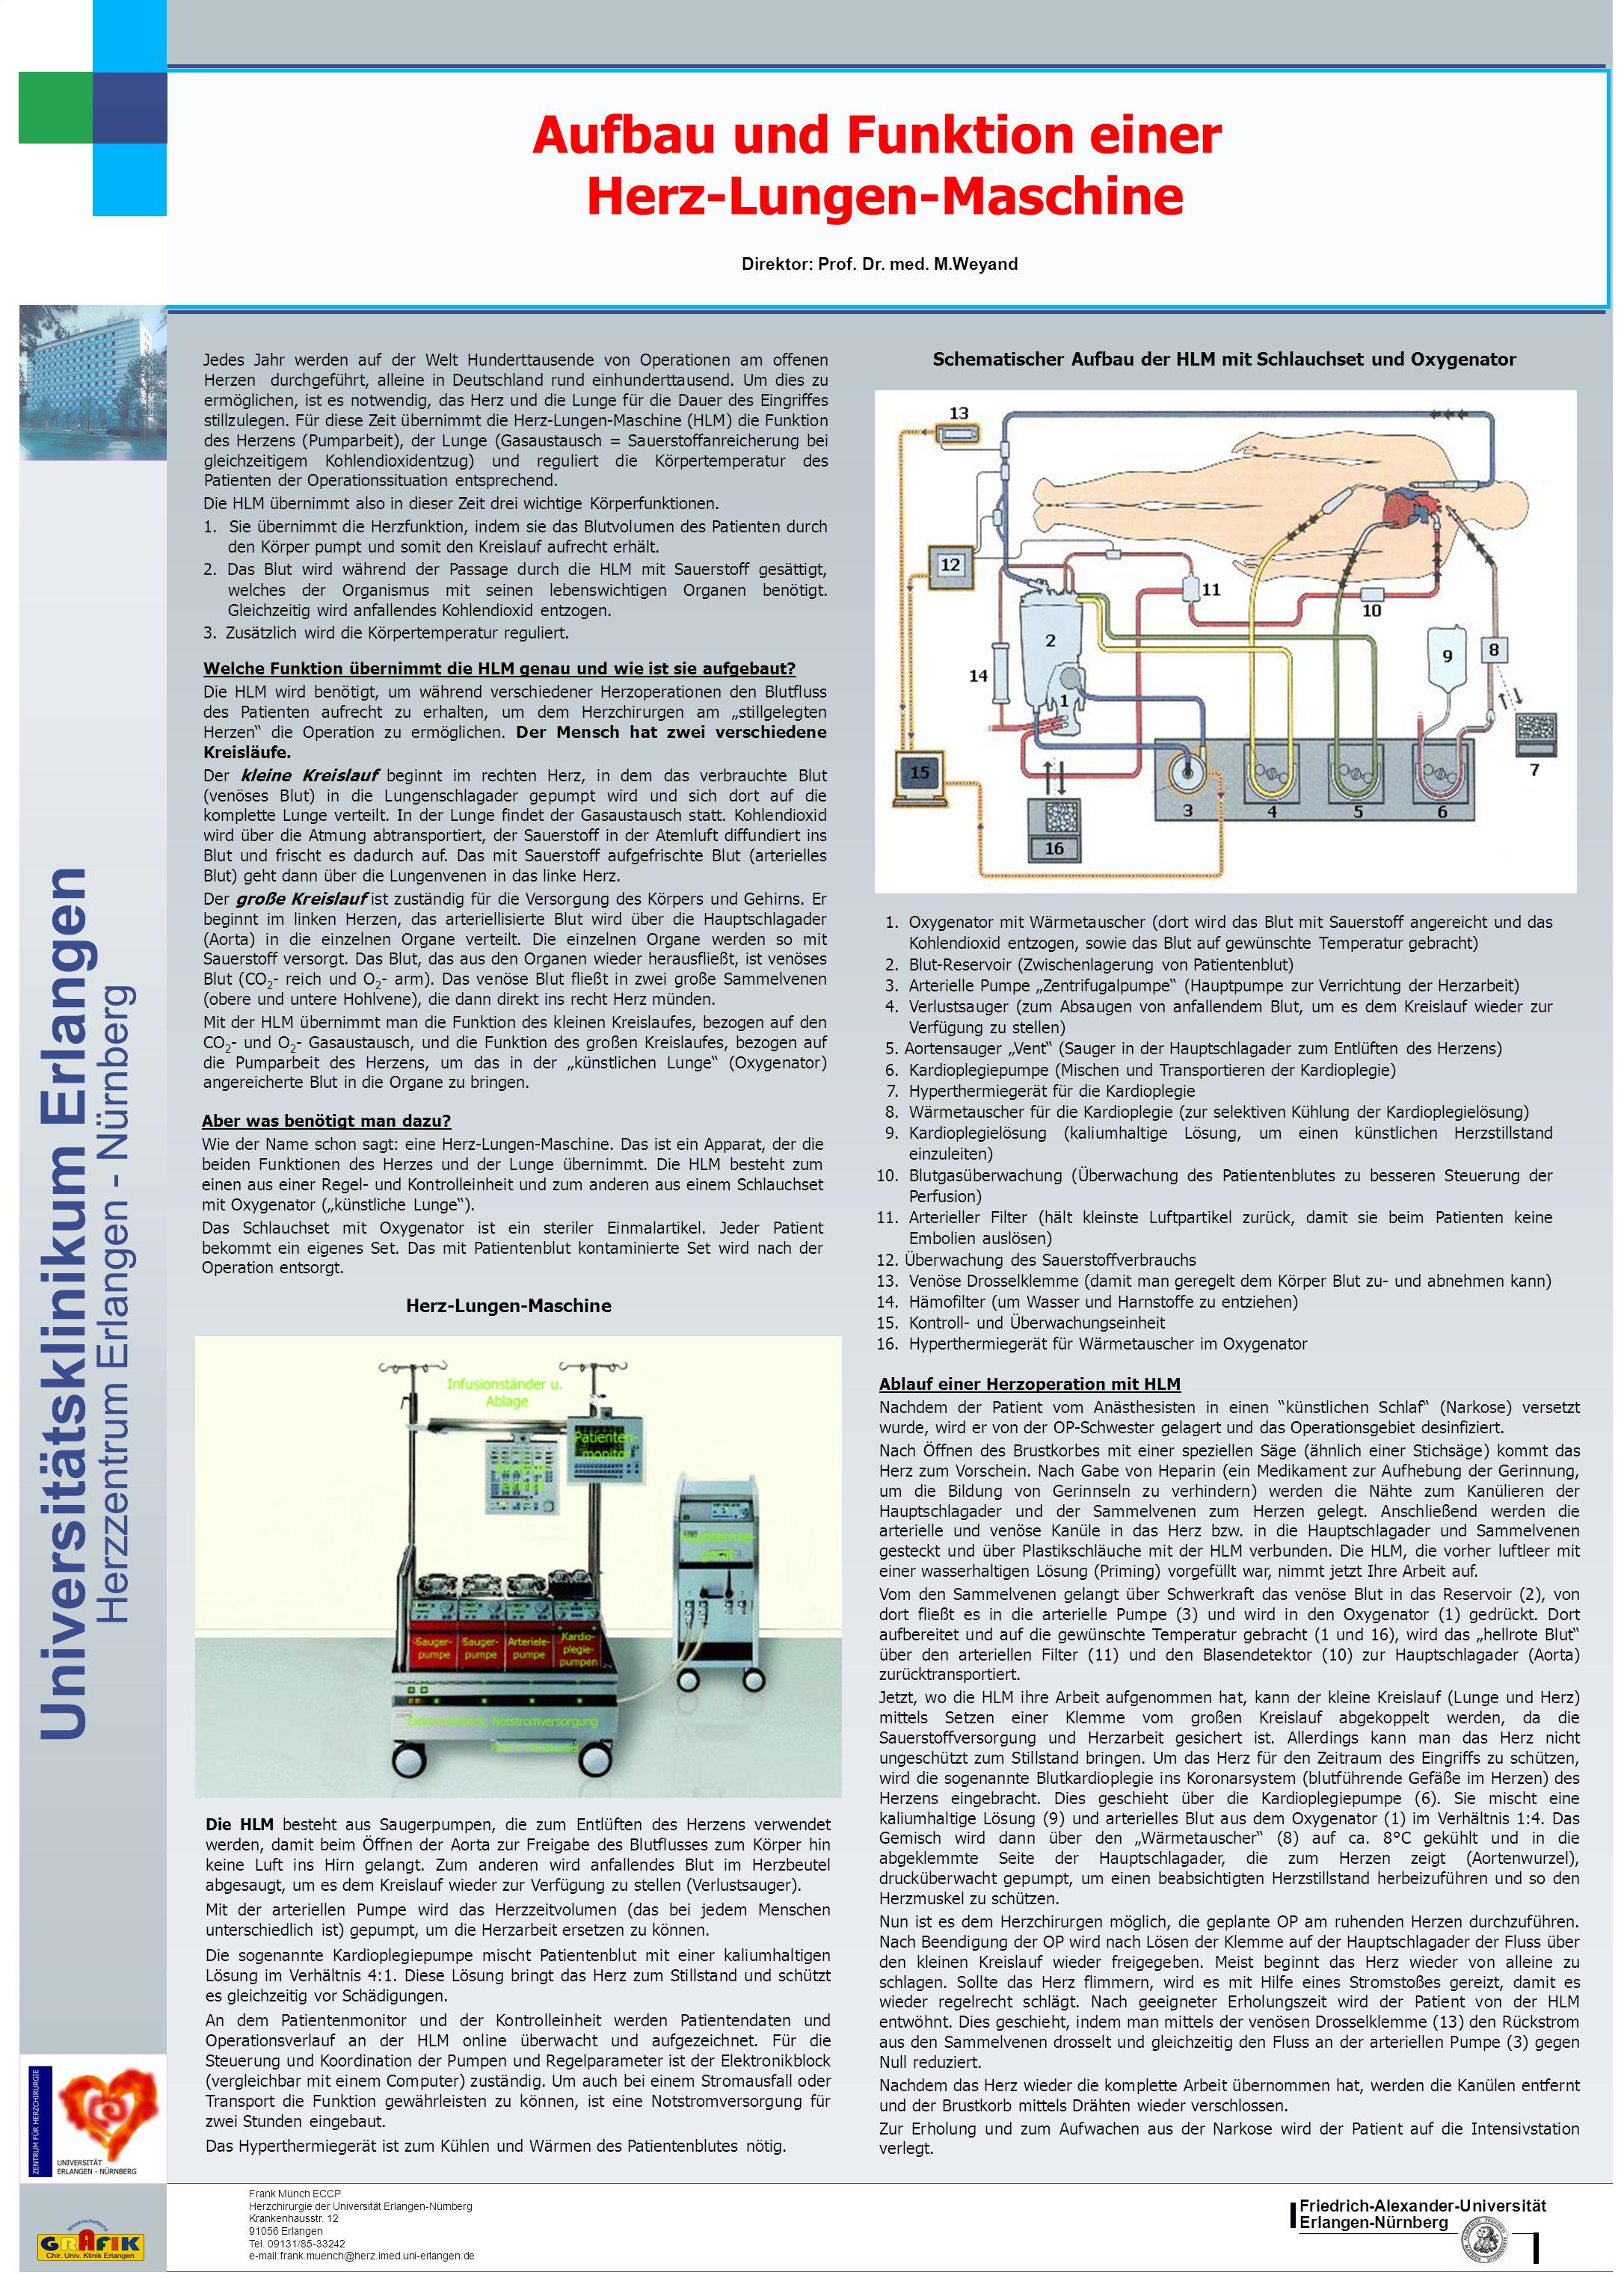 Aufbau und Funktion einer Herz-Lungen-Maschine